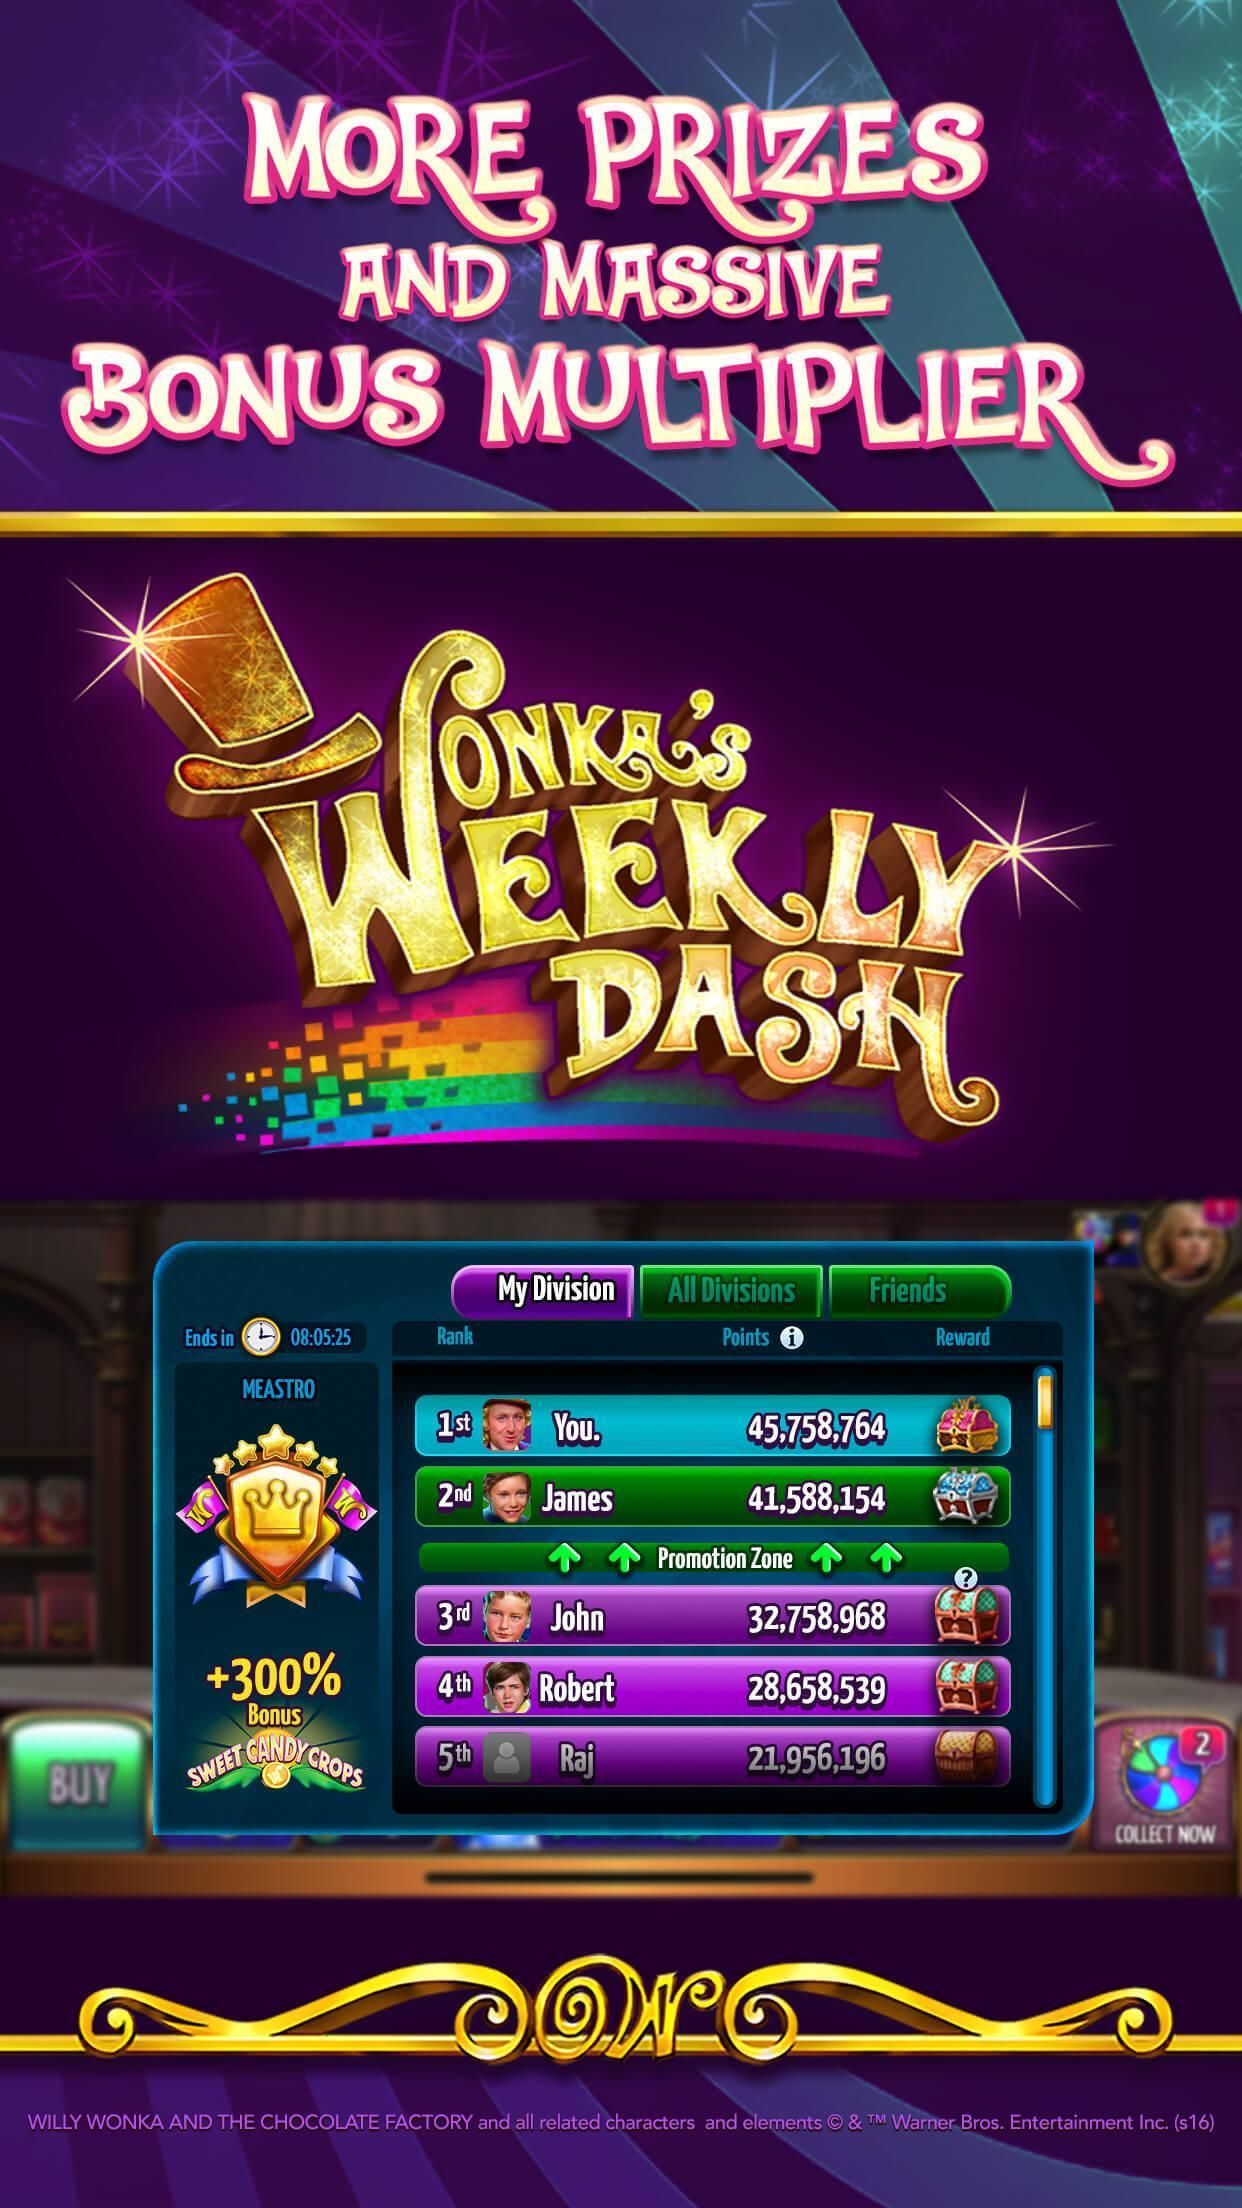 Willy Wonka Slots Free Casino 100.0.964 Screenshot 9